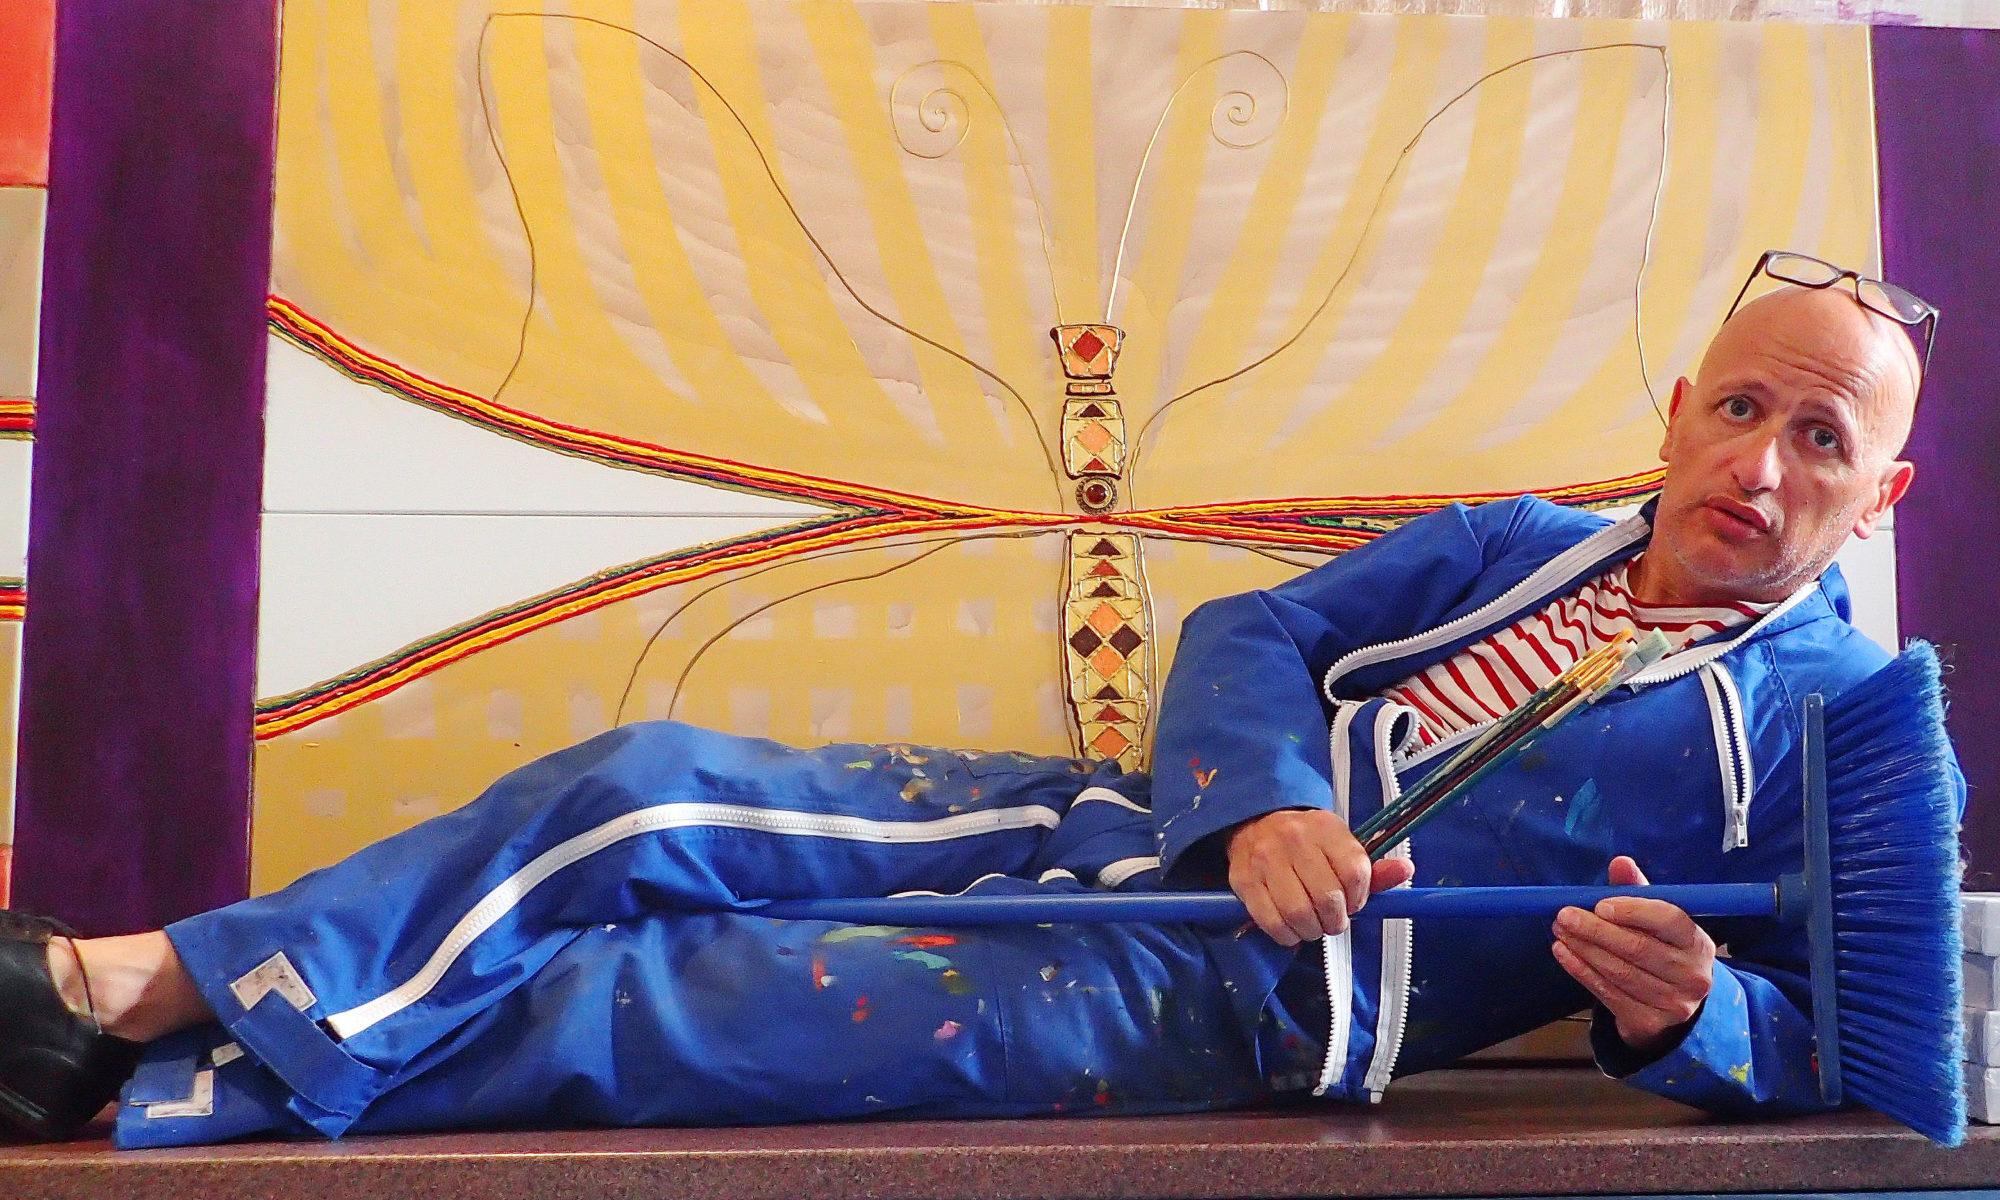 Emmanuel CASSANAS artiste peintre autodidacte atelier peinture mosaique art brut wood painting vegetal art polyptyque art contemporain Art thérapie décoration création Paris Ile de France galerie